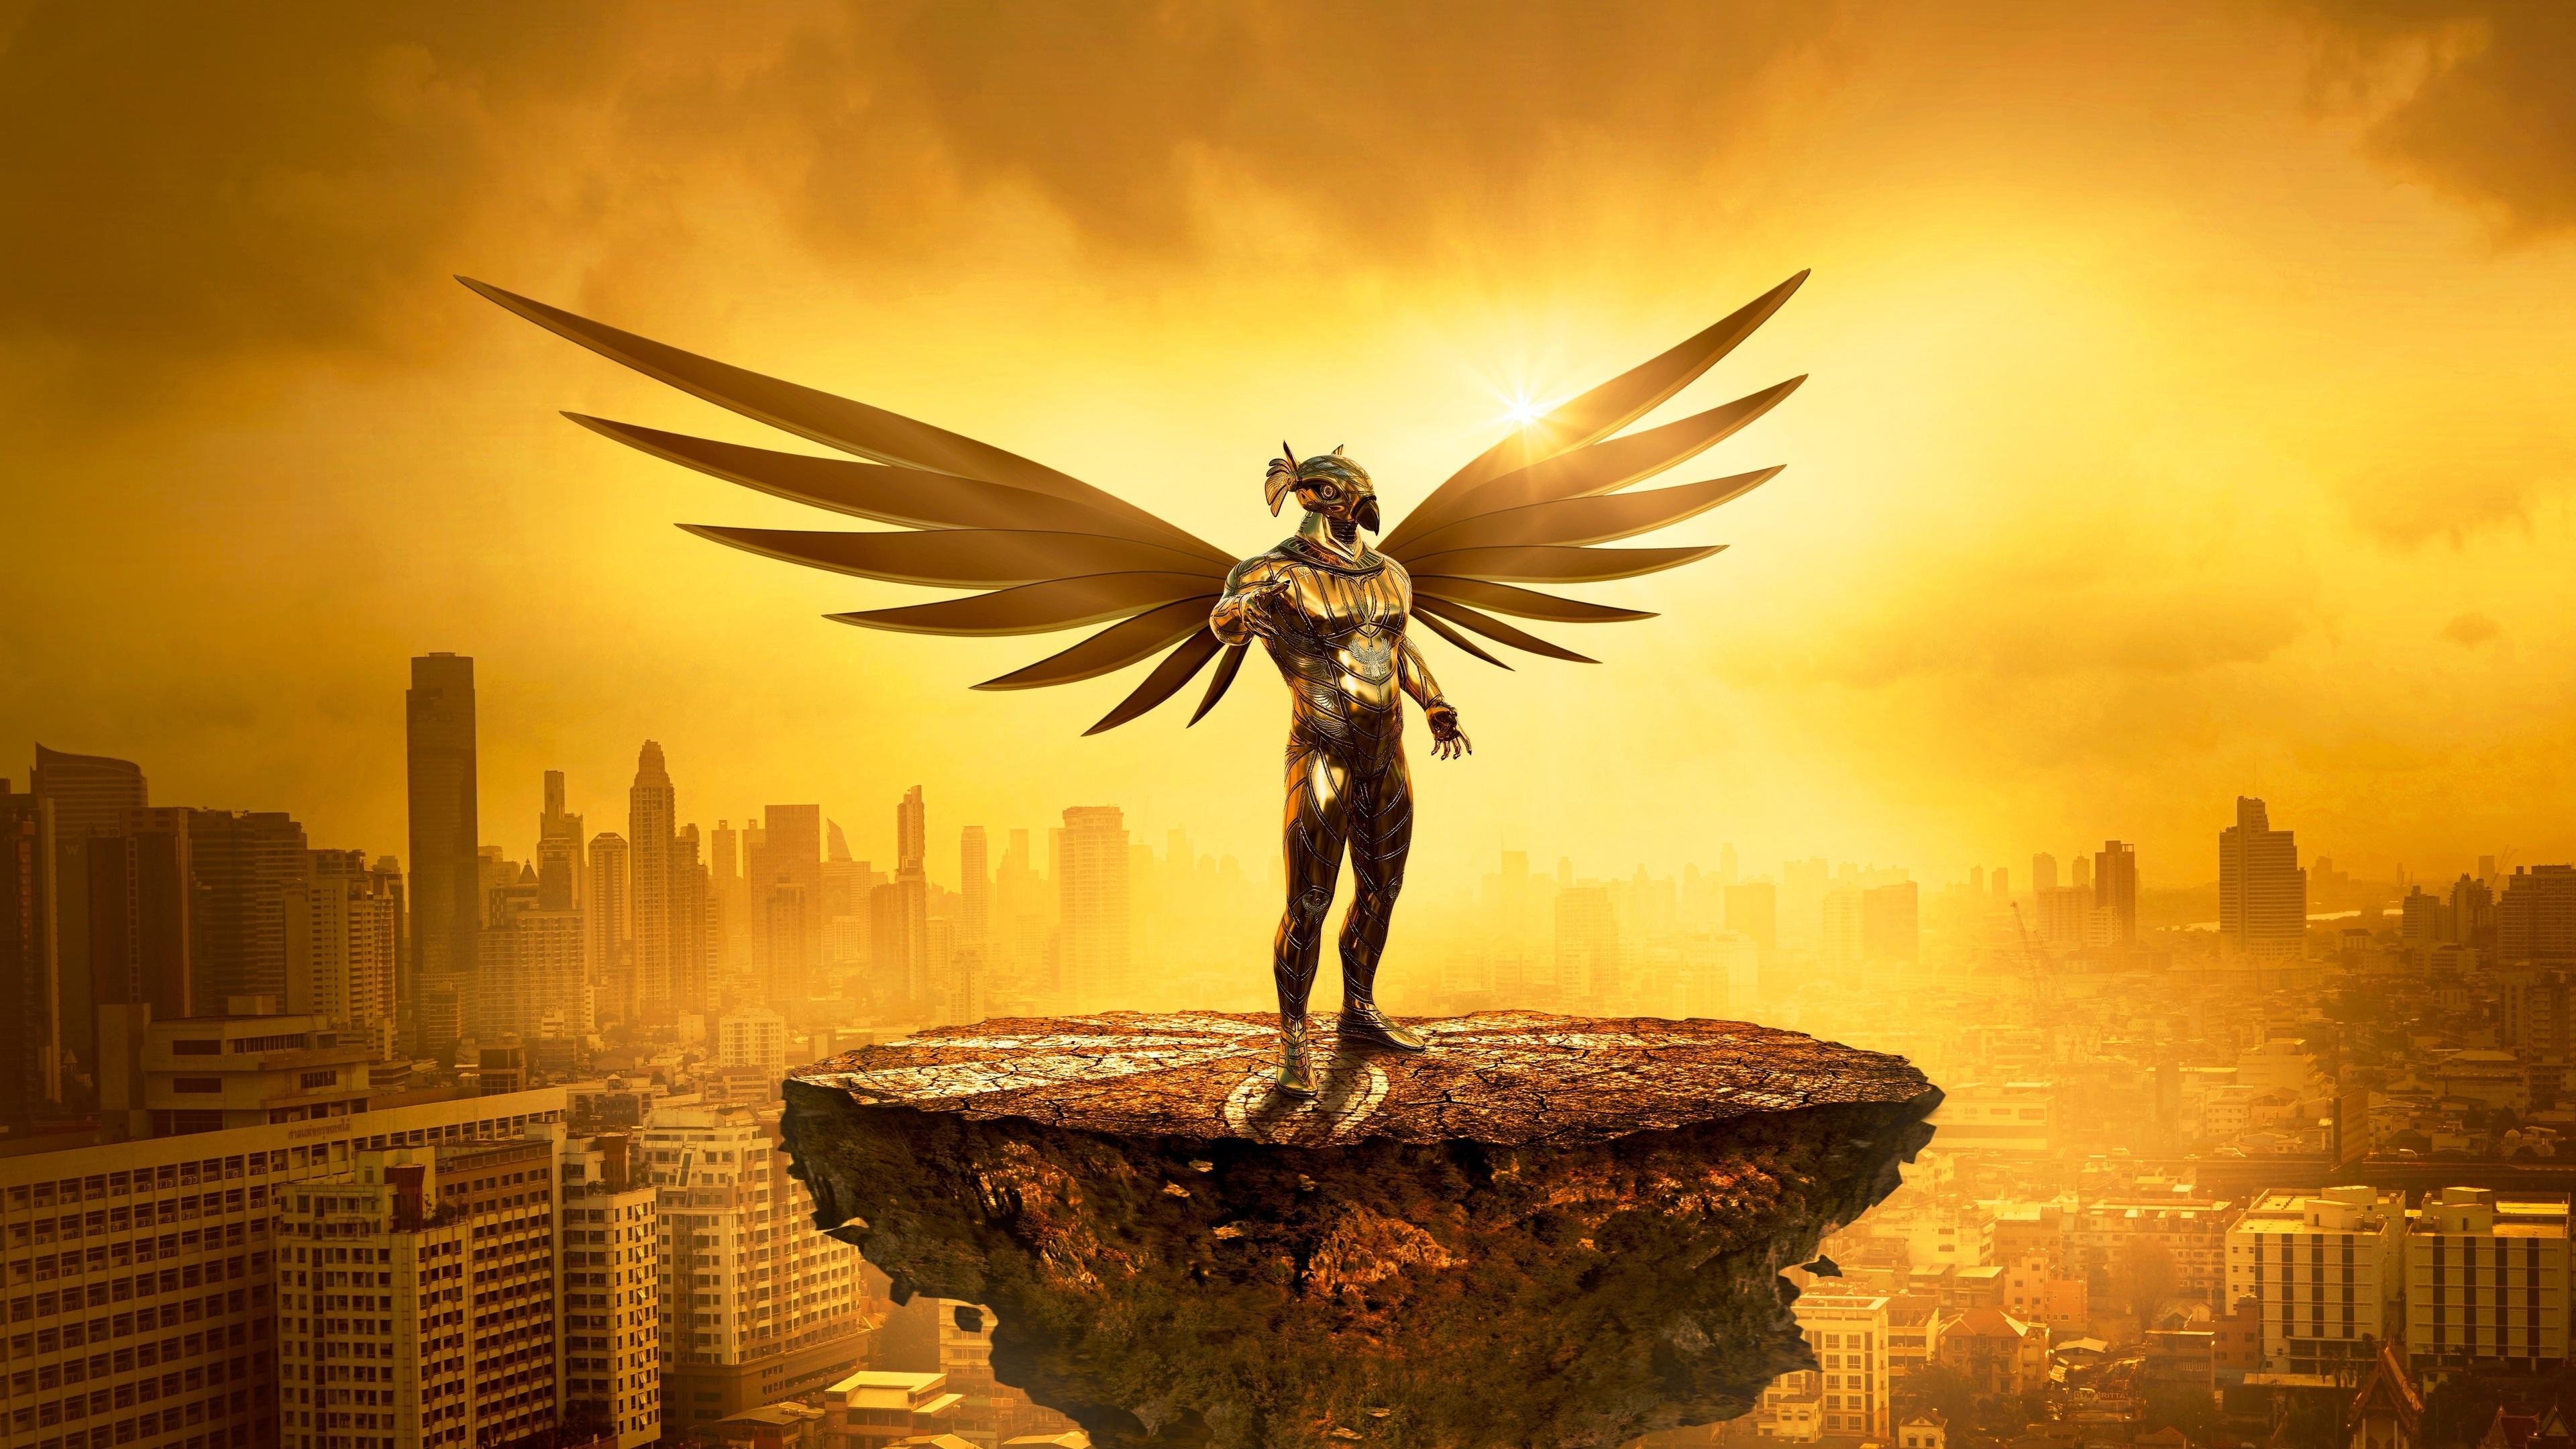 fantasy angel gold digital art 5k 1540754274 - Fantasy Angel Gold Digital Art 5k - wings wallpapers, hd-wallpapers, digital art wallpapers, artwork wallpapers, artist wallpapers, angel wallpapers, 5k wallpapers, 4k-wallpapers